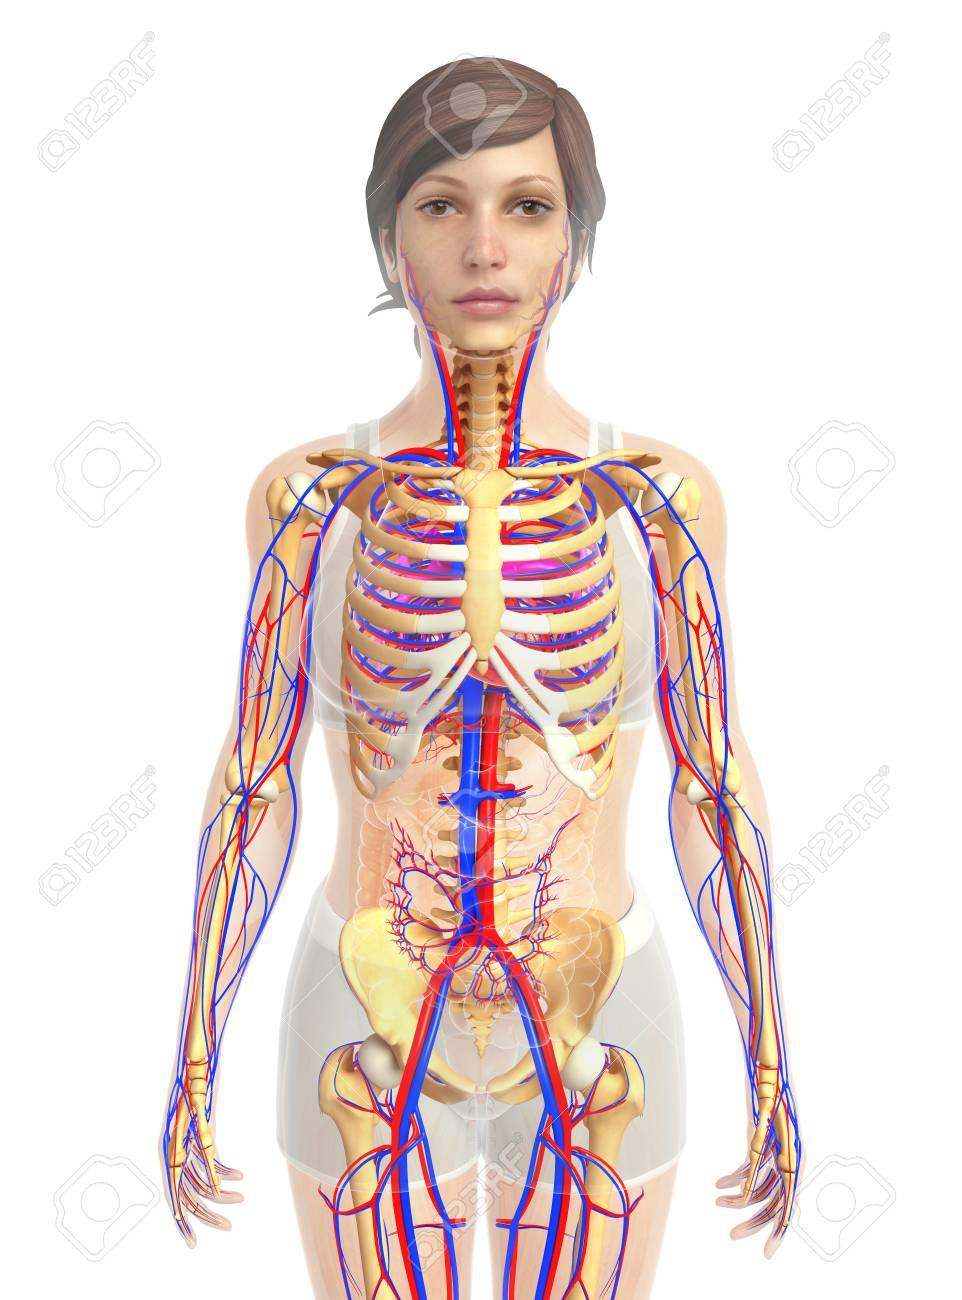 3d übertrug Abbildung Der Weiblichen Herz Anatomie Lizenzfreie Fotos ...